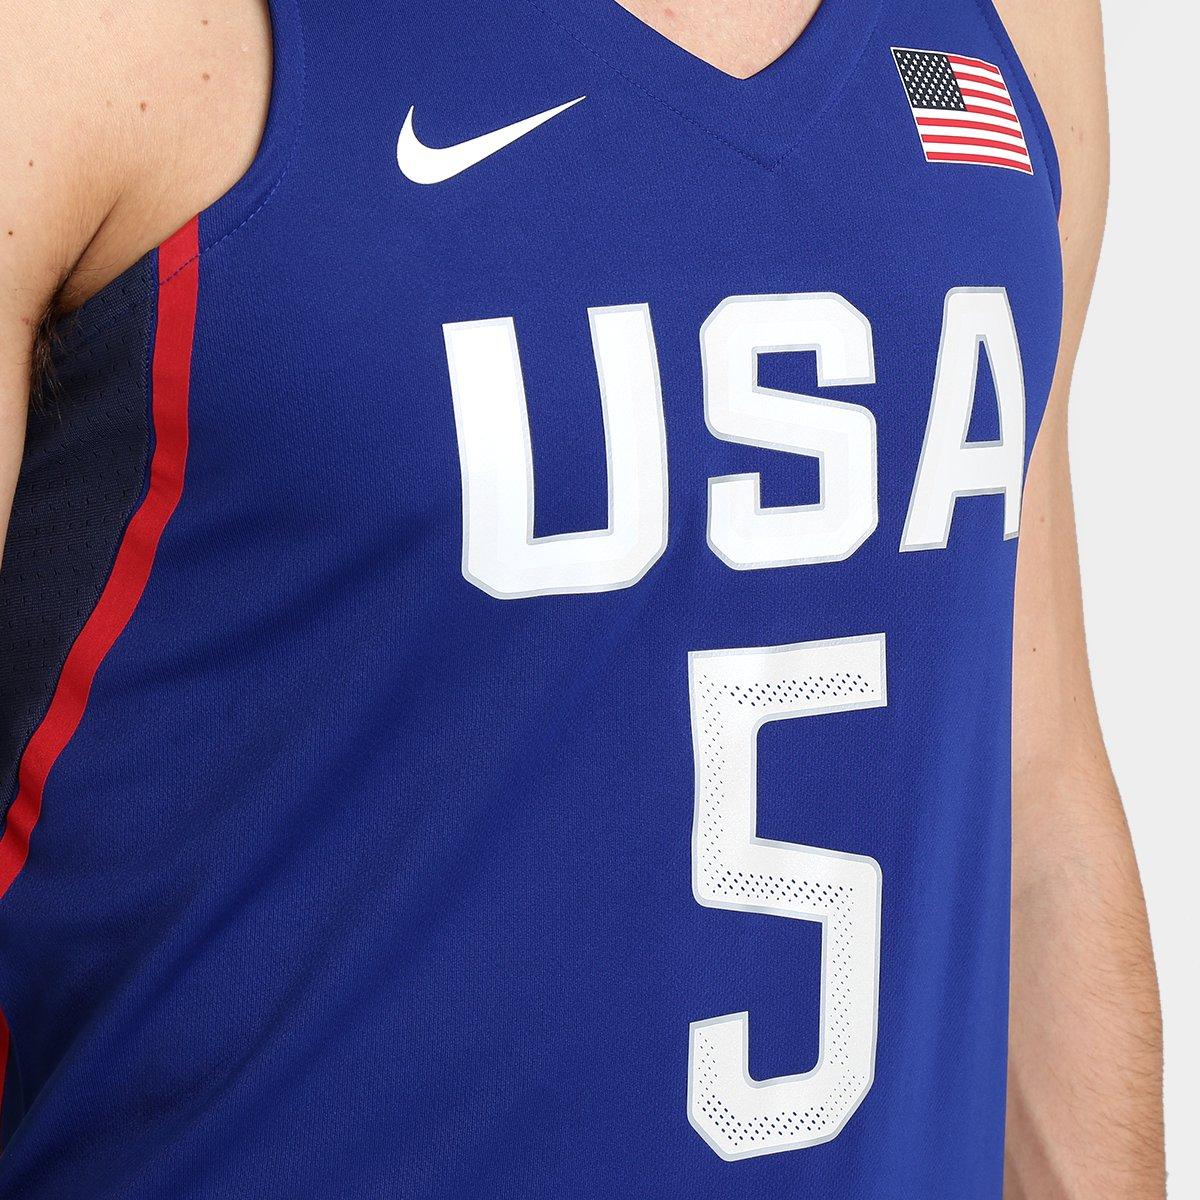 7657df0a61 Camiseta Regata Nike Estados Unidos - Kevin Durant - Compre Agora ...